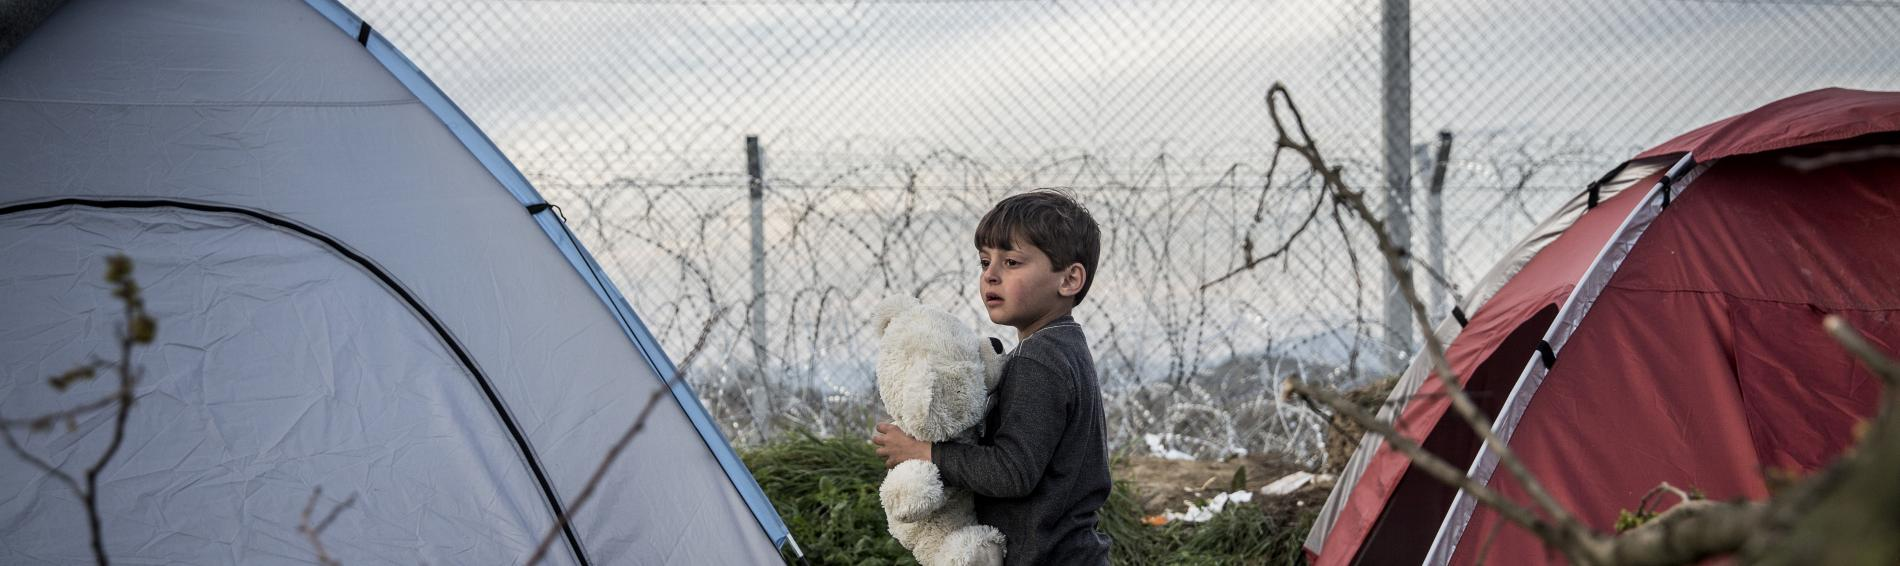 Kind zwischen Zelten am Grenzzaun zwischen Griechenland und Mazedonien (FYROM)